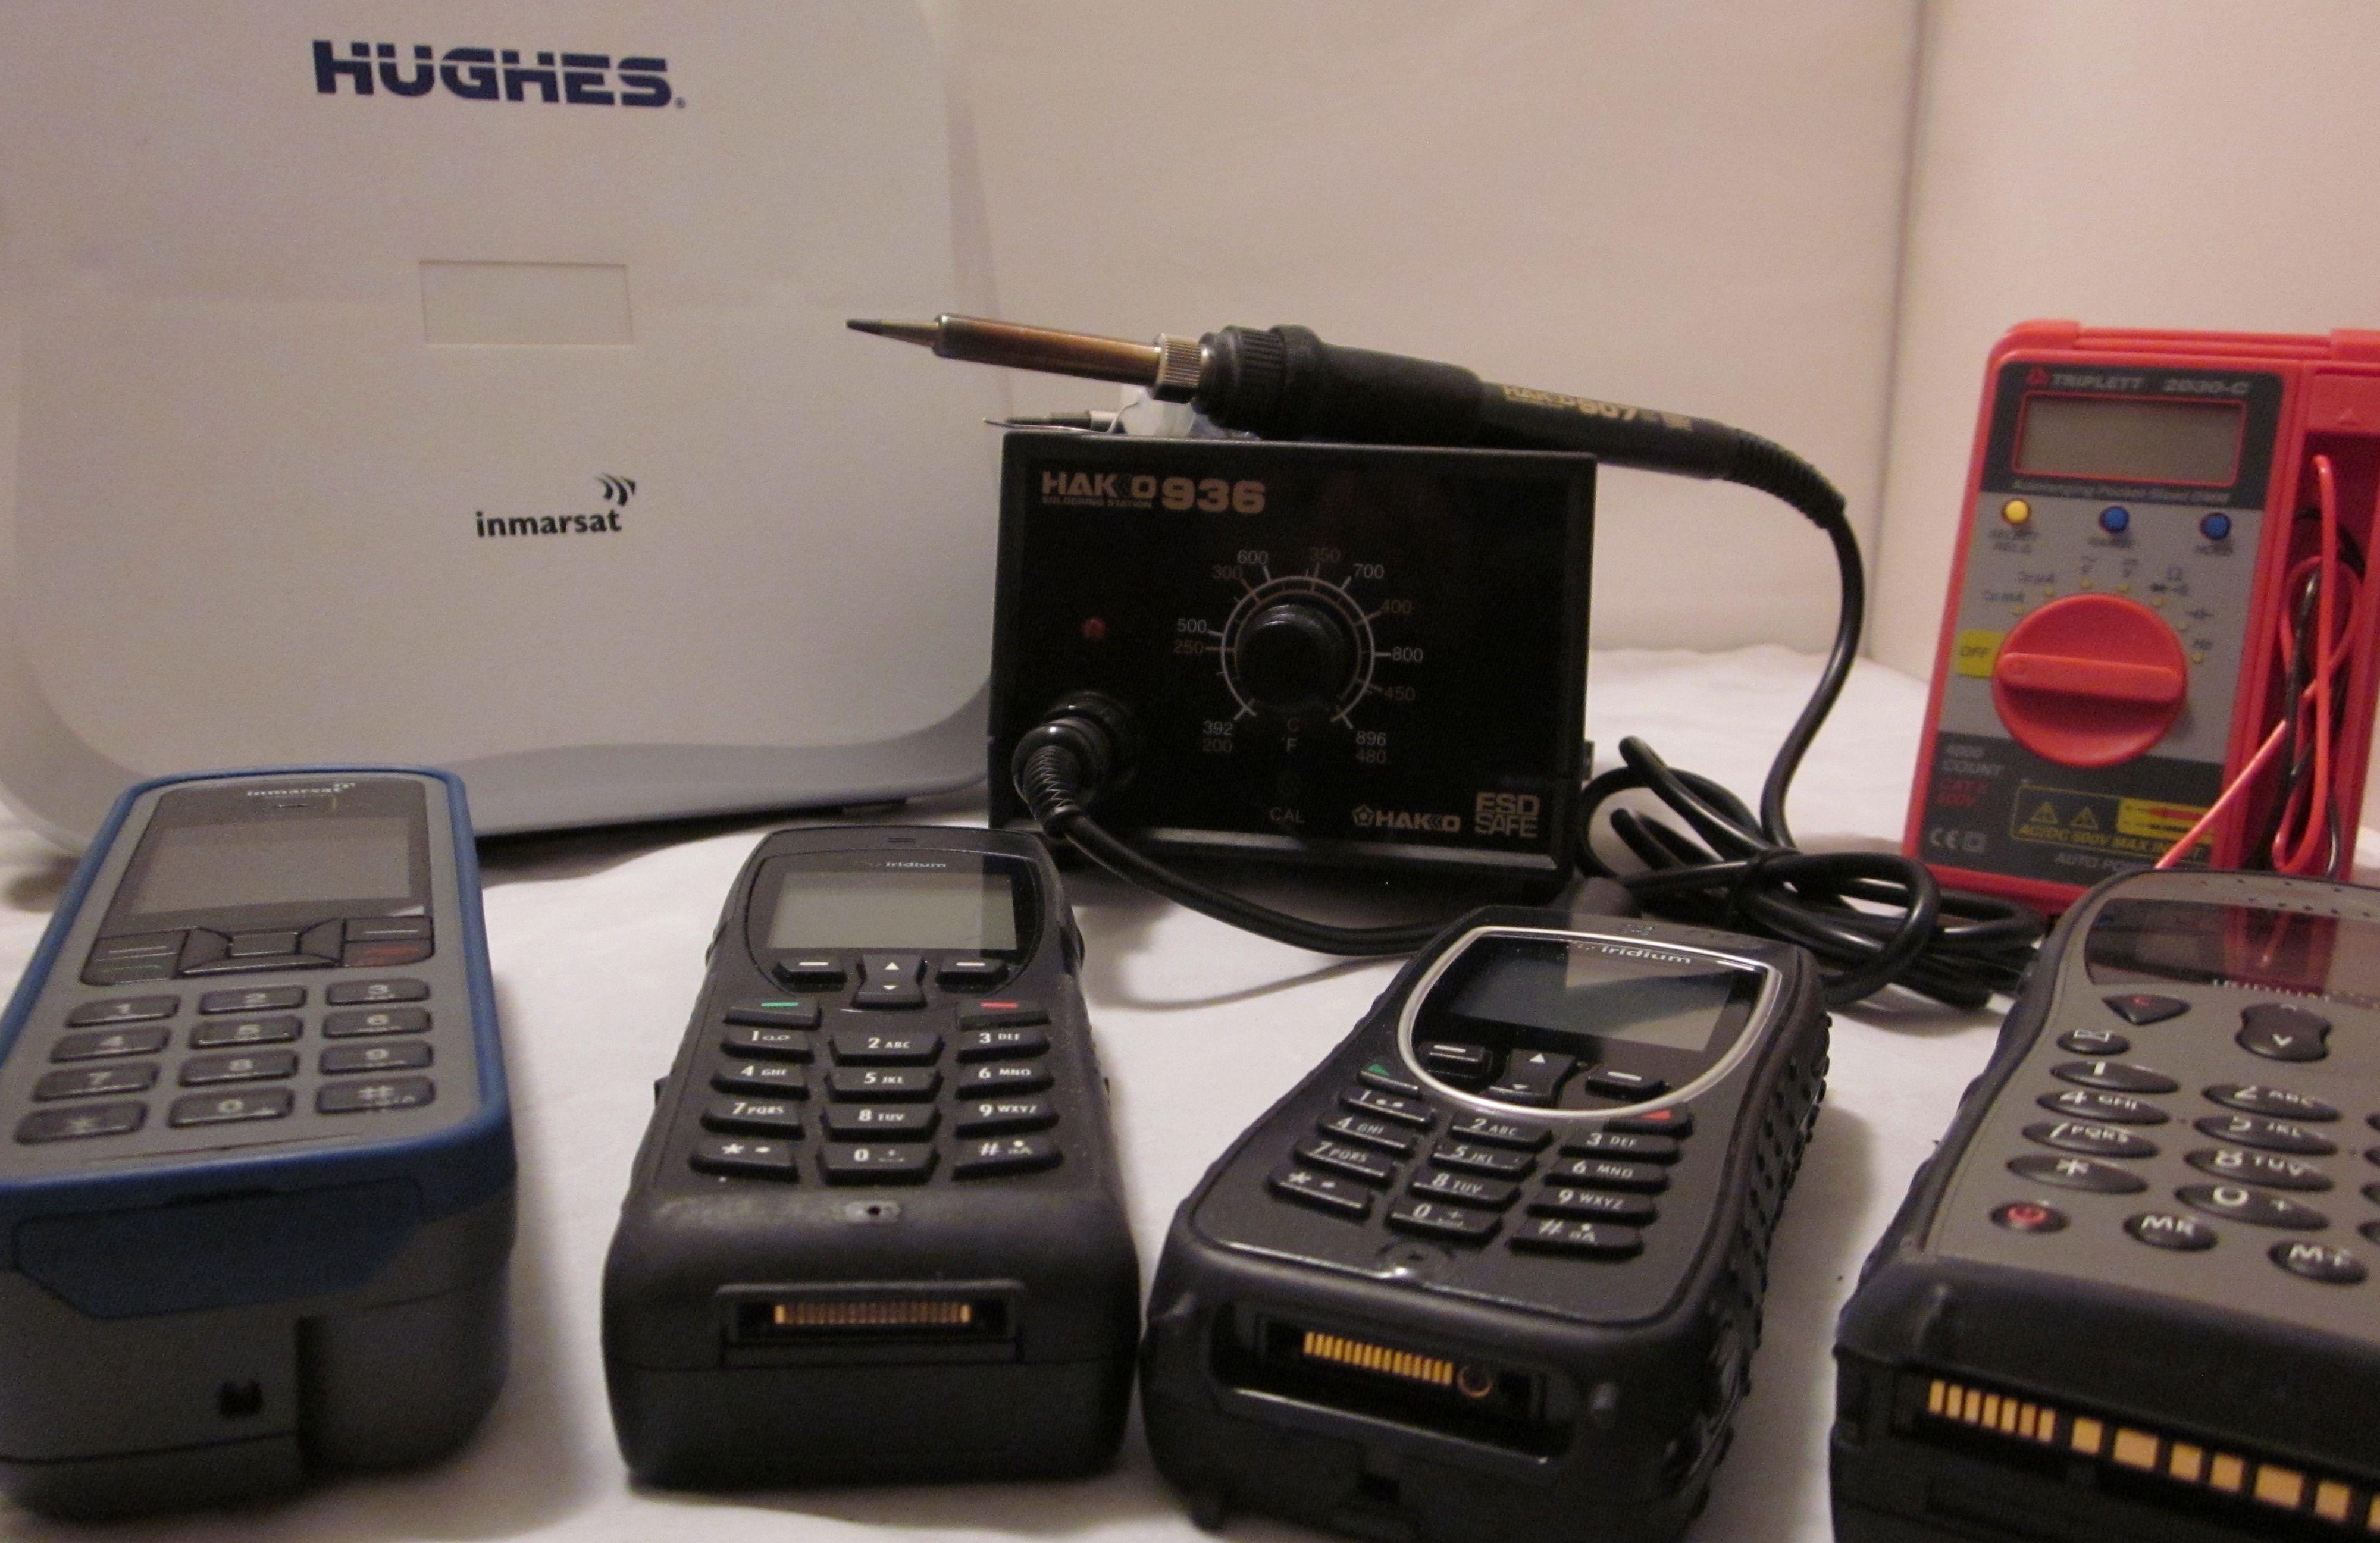 We Repair And Provide Parts For All Model Satellite Phones Satellite Internet Terminals Bgan S And Fleet Broadband Mar Satellite Phones Satellite Phone Phone